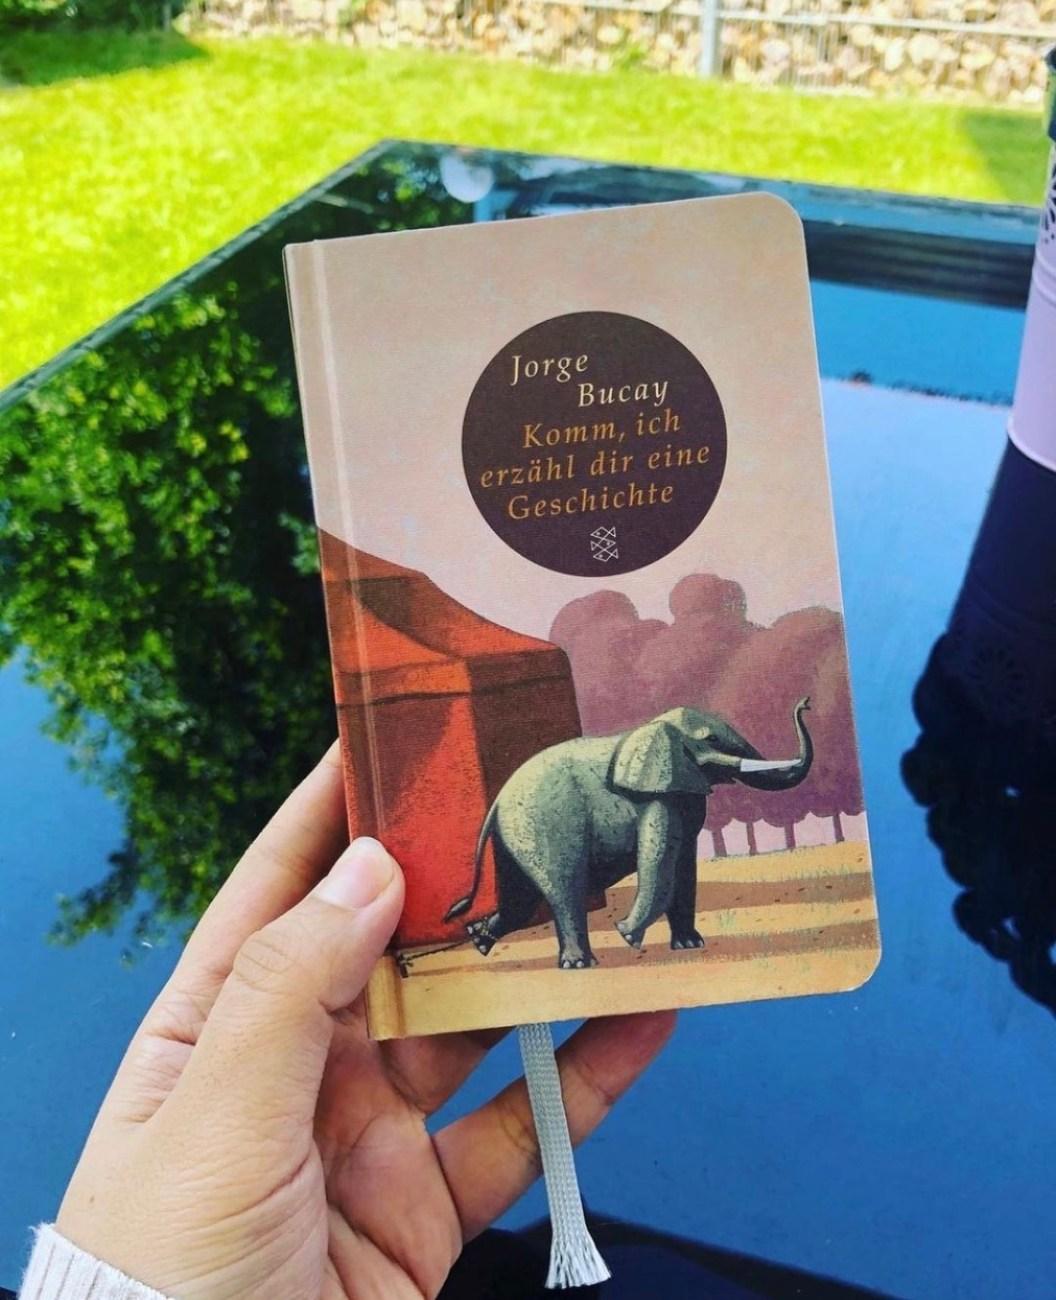 Komm, ich erzähl dir eine Geschichte von Jorge Bucay - Buchvorstellung